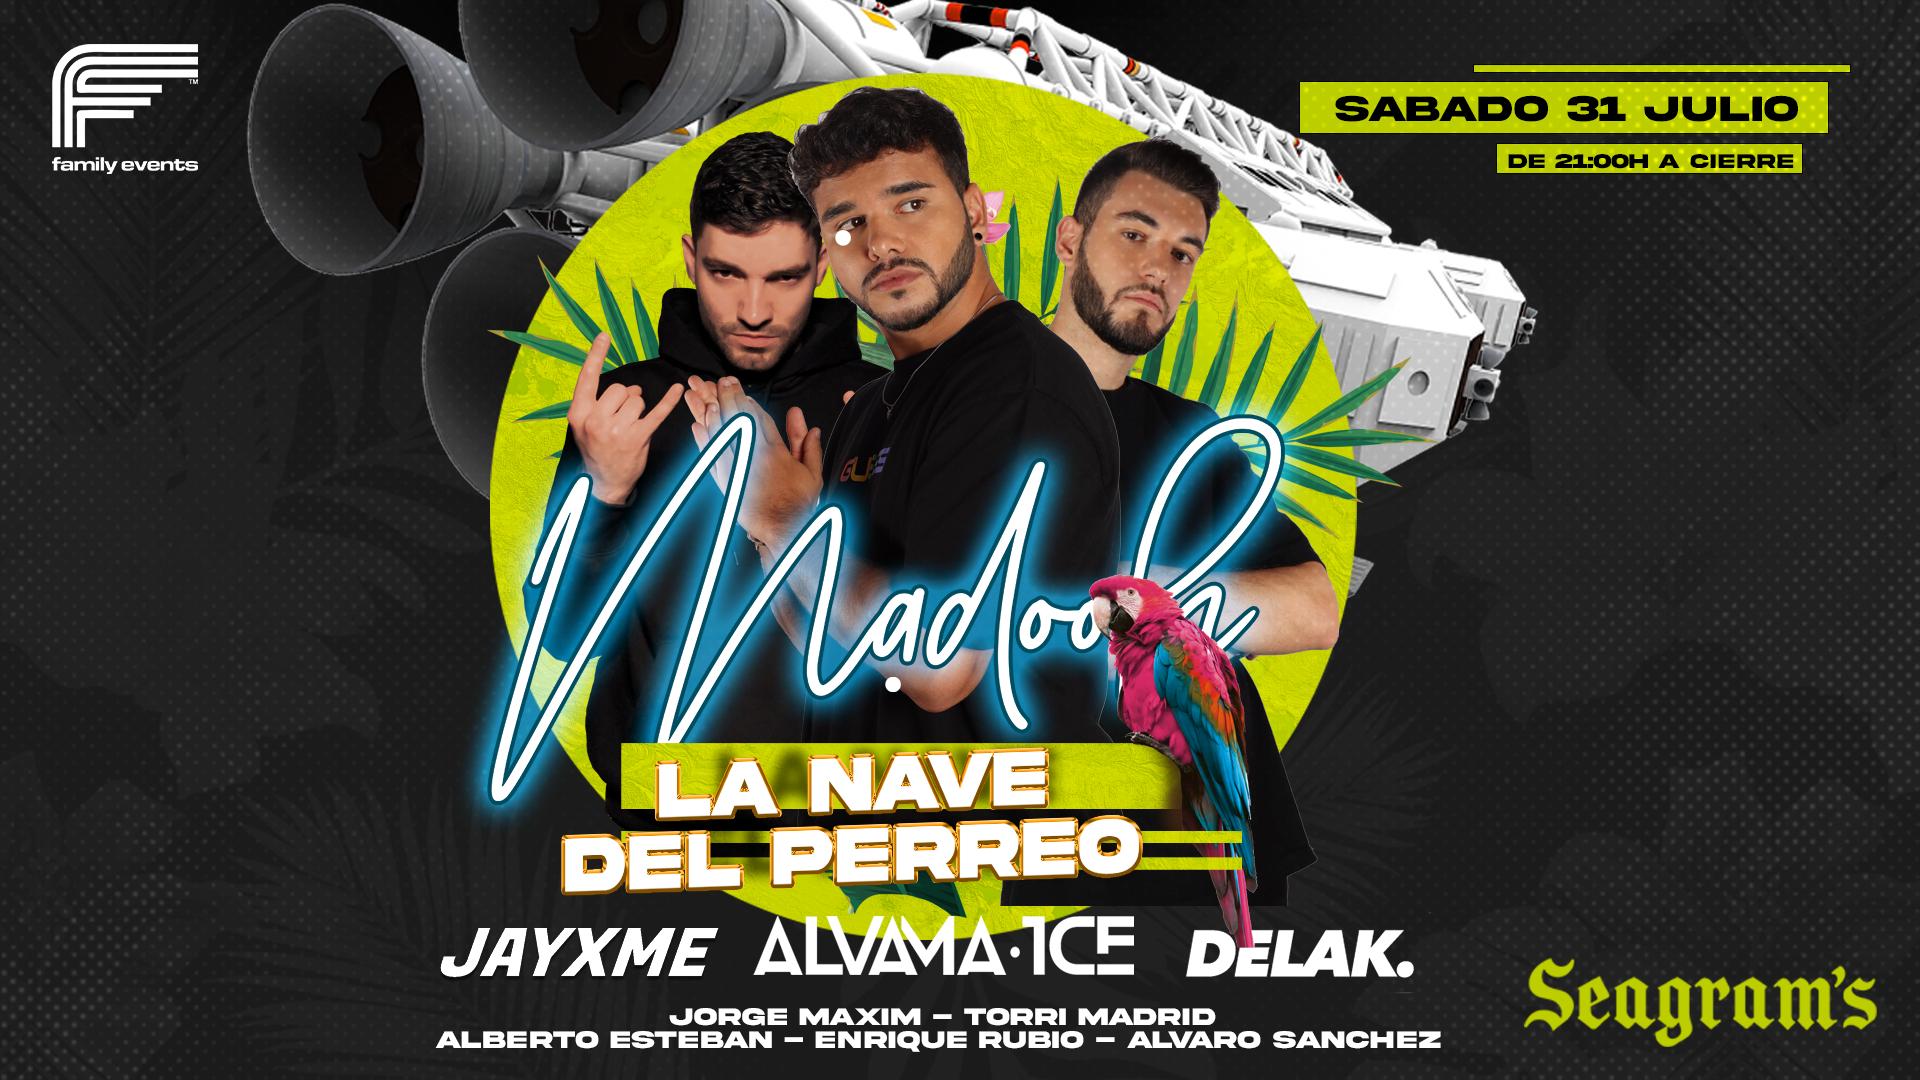 La Nave del Perro - Super Madooh en Family EVENTS